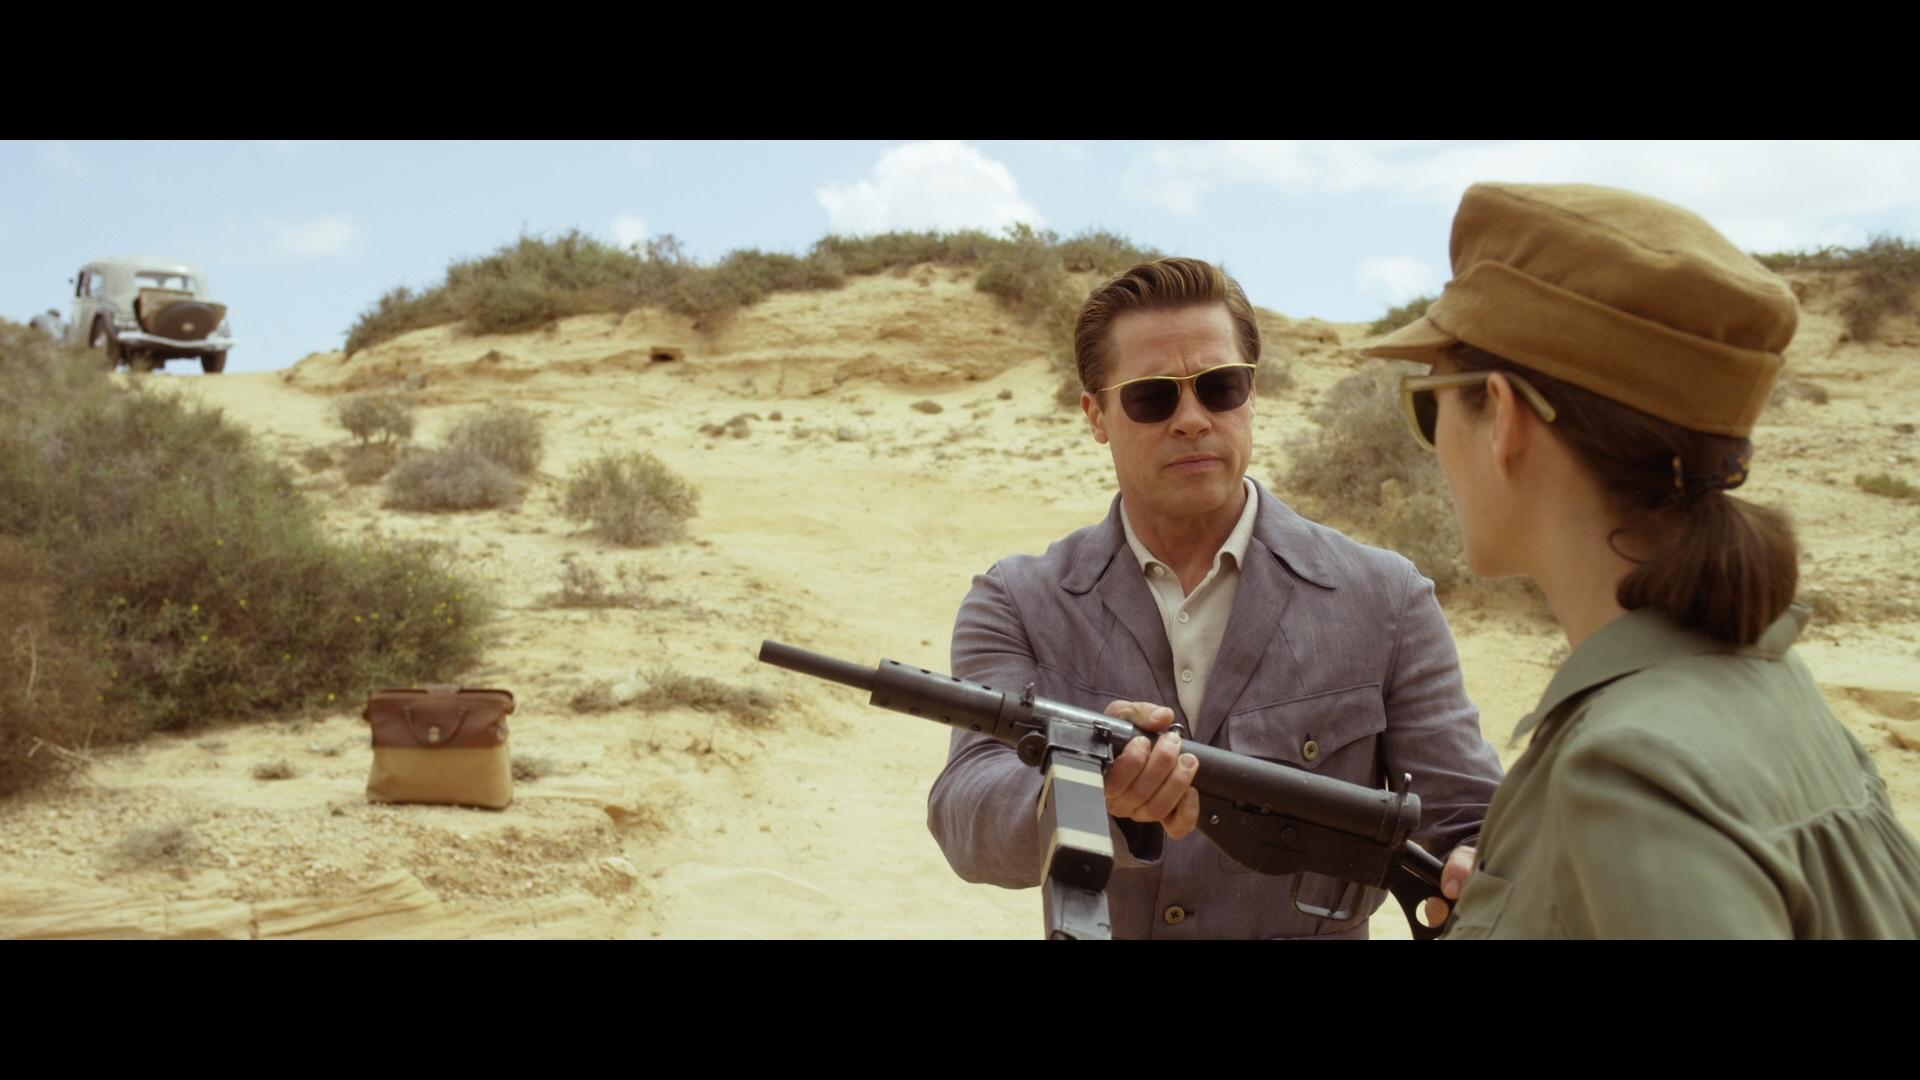 ALLIED (2016) - Max's (Brad Pitt) Sten Submachine Gun - Image 14 of 15